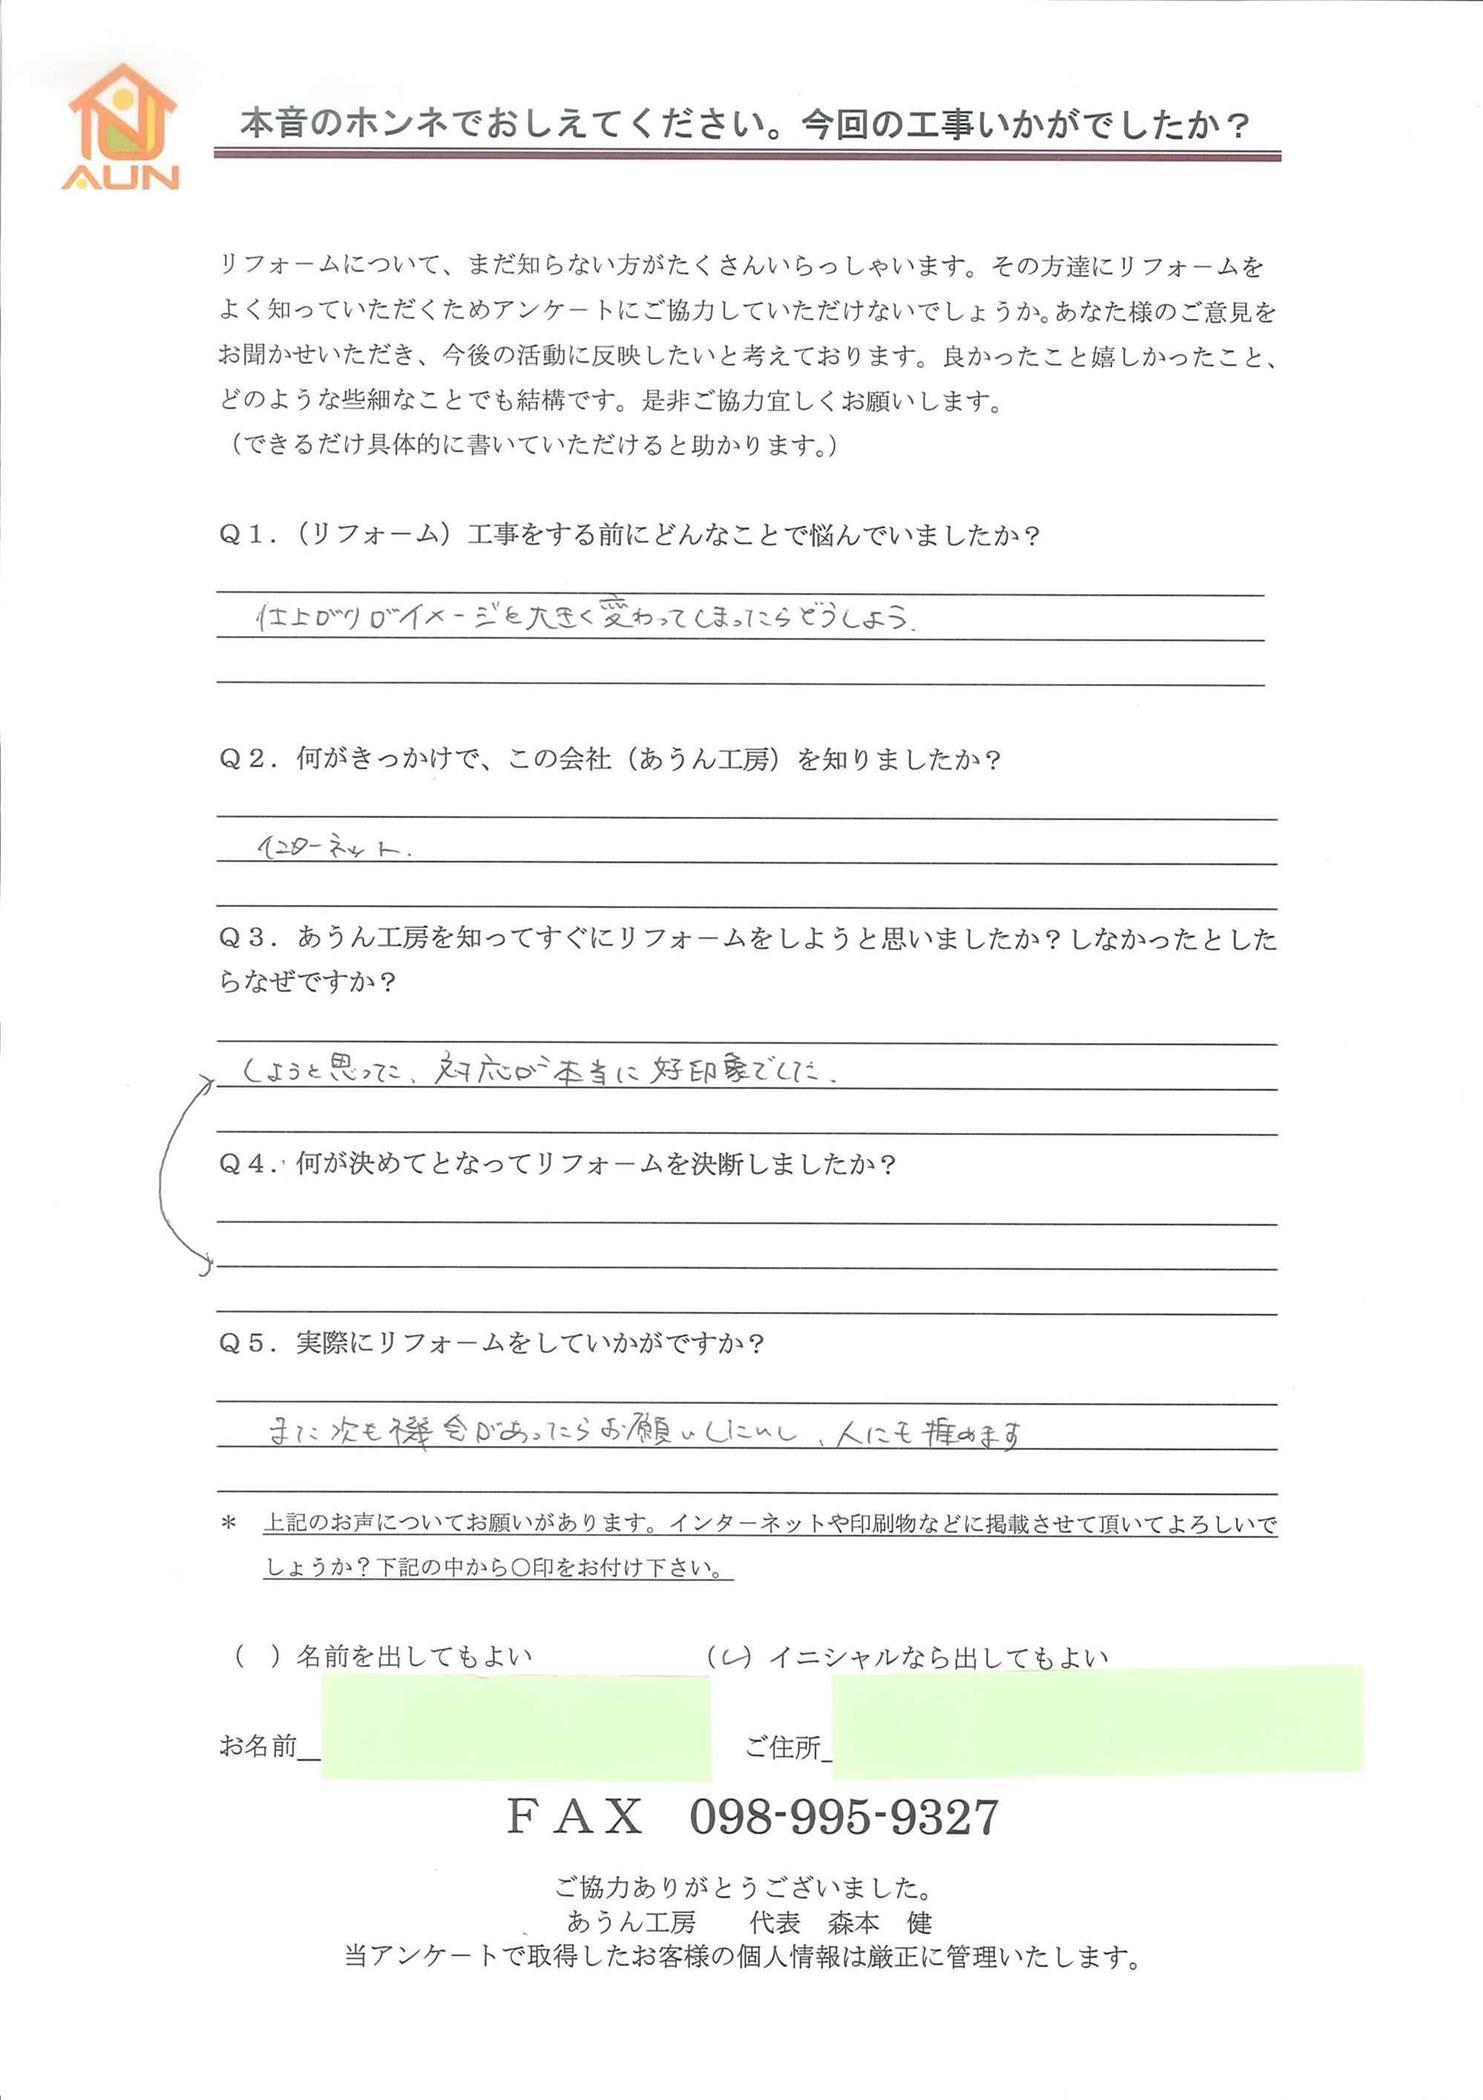 沖縄・那覇のリフォーム 実際のアンケートの画像:対応が本当に好印象でした。